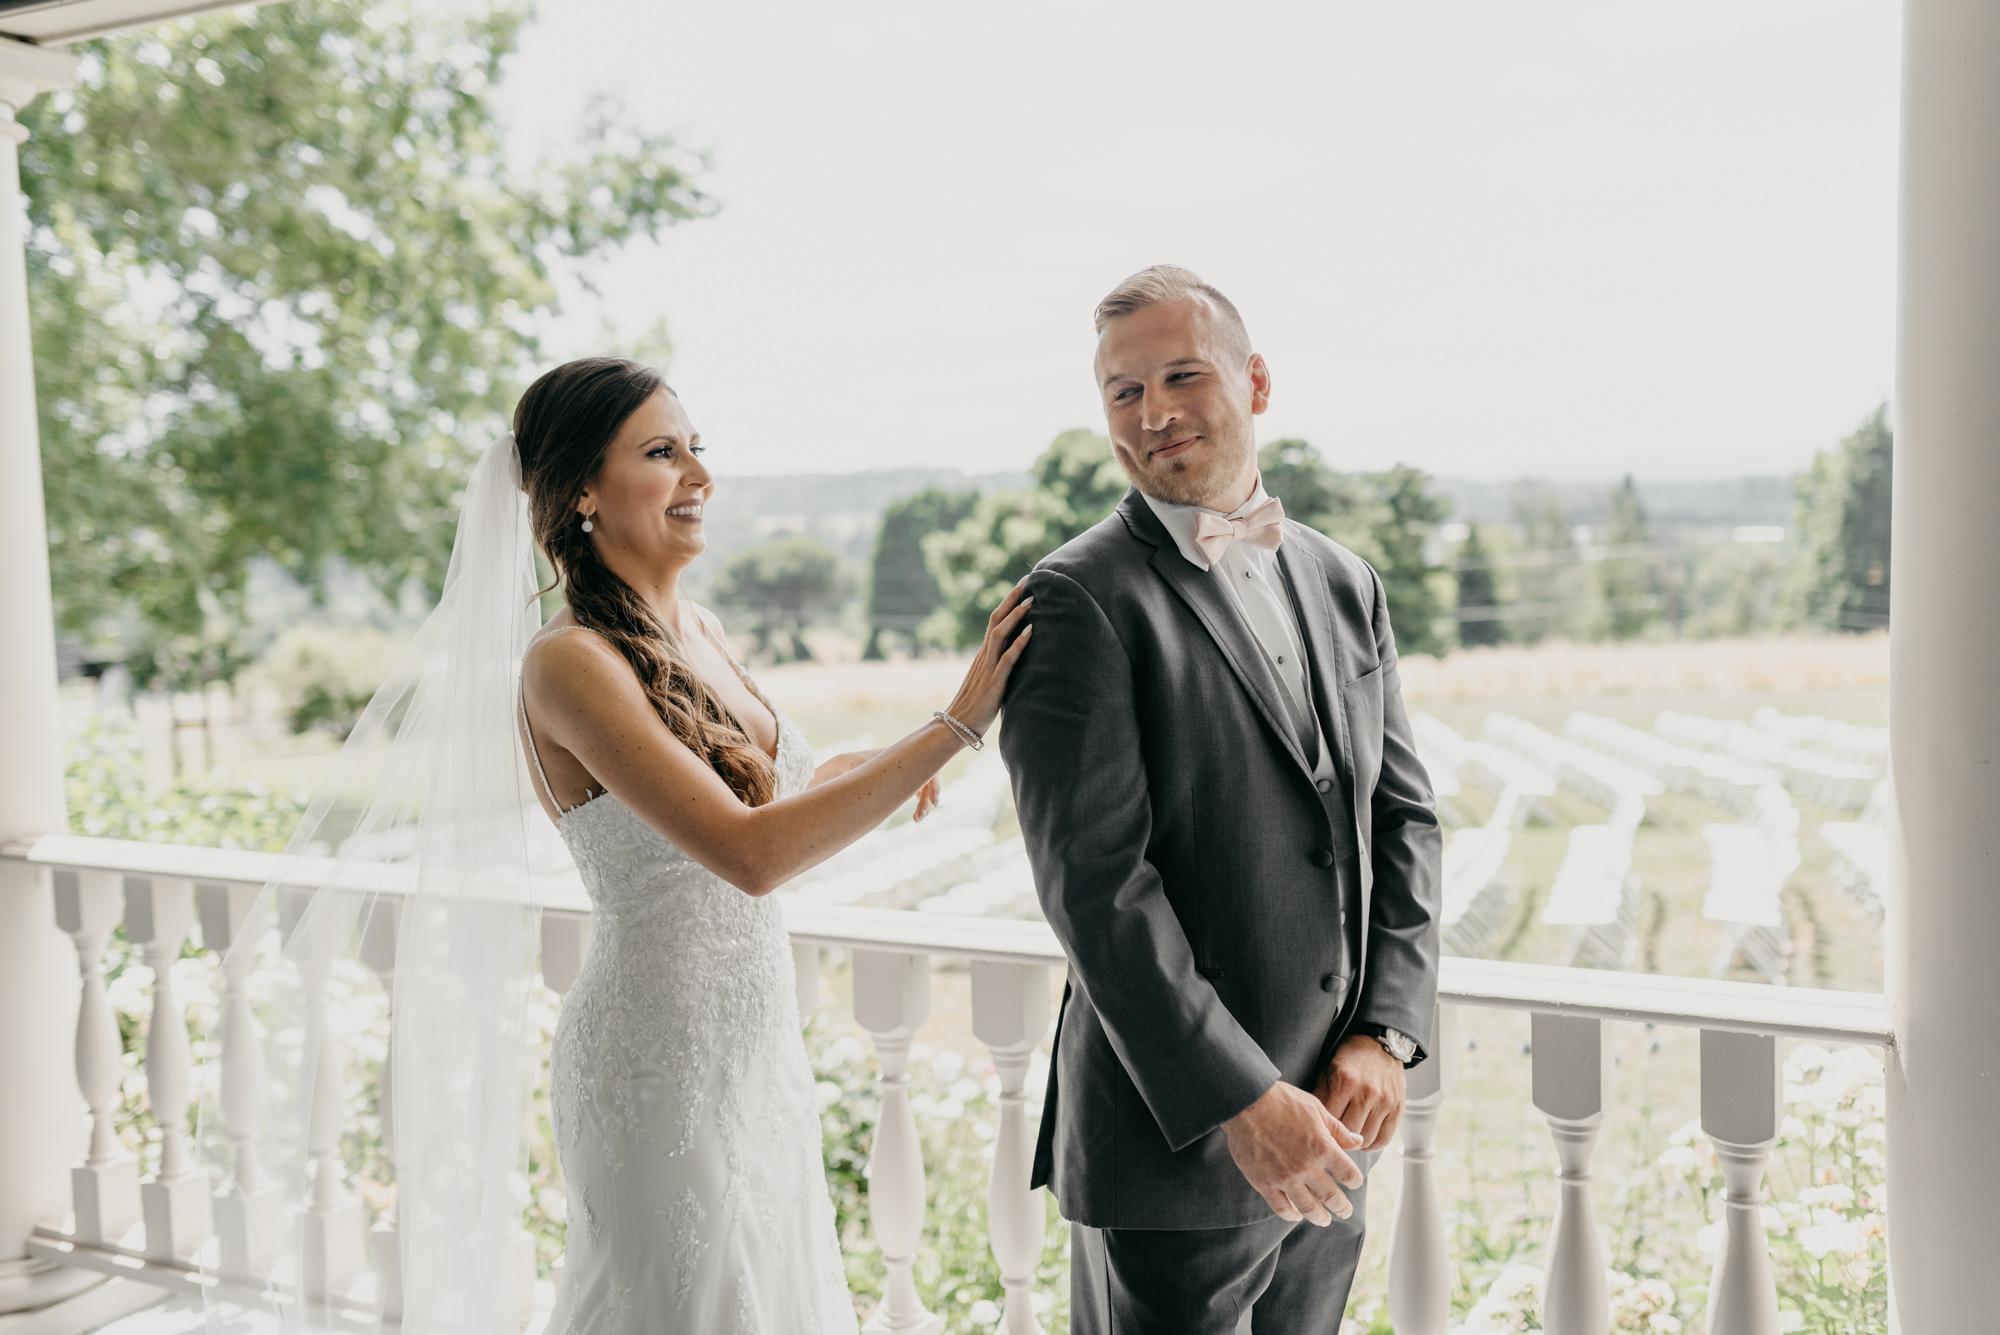 53-first-look-barn-kestrel-wedding-lake-oswego-wedding.jpg